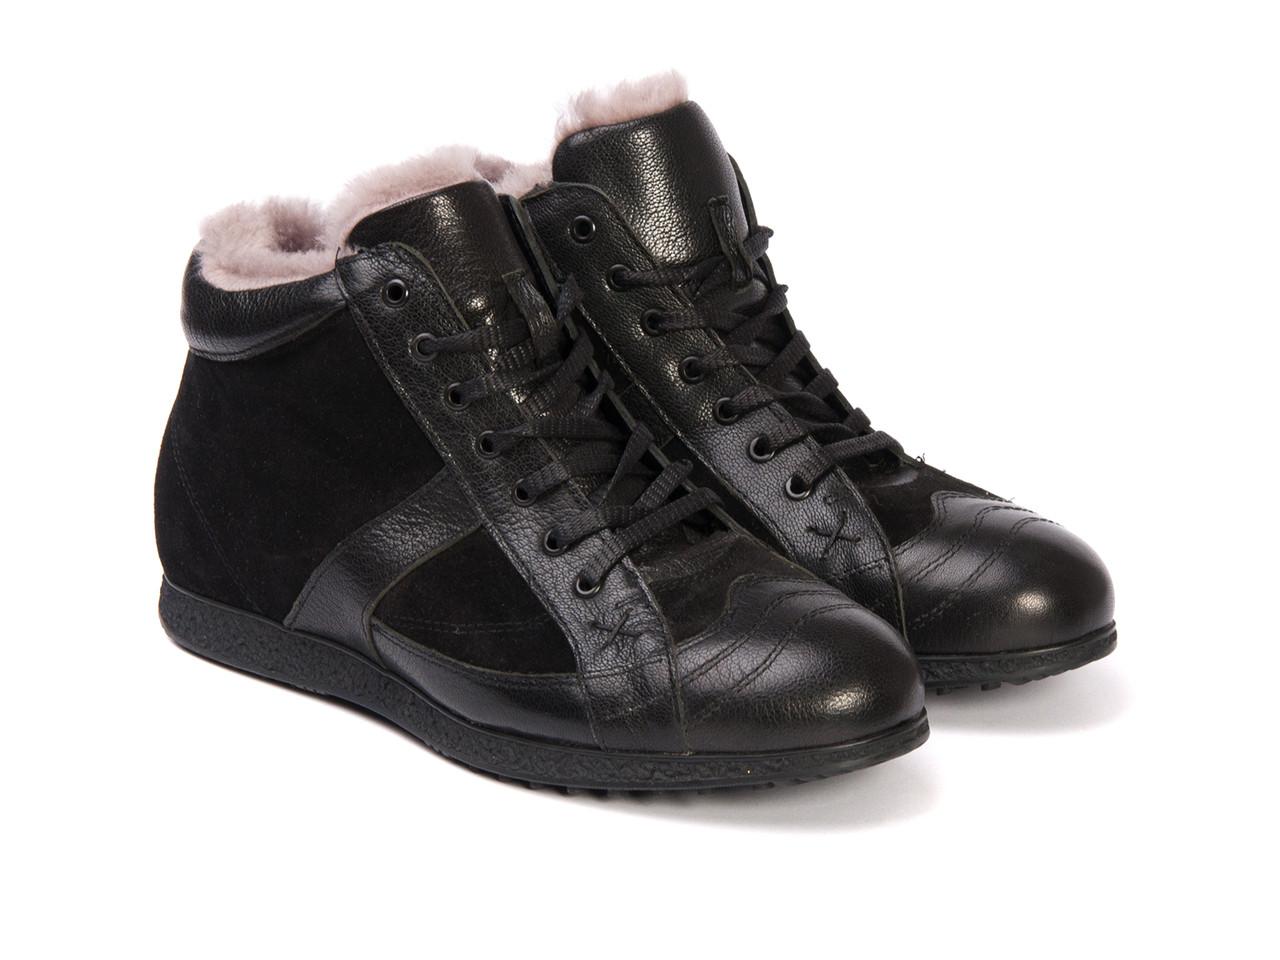 Ботинки Etor 7983-633 черные